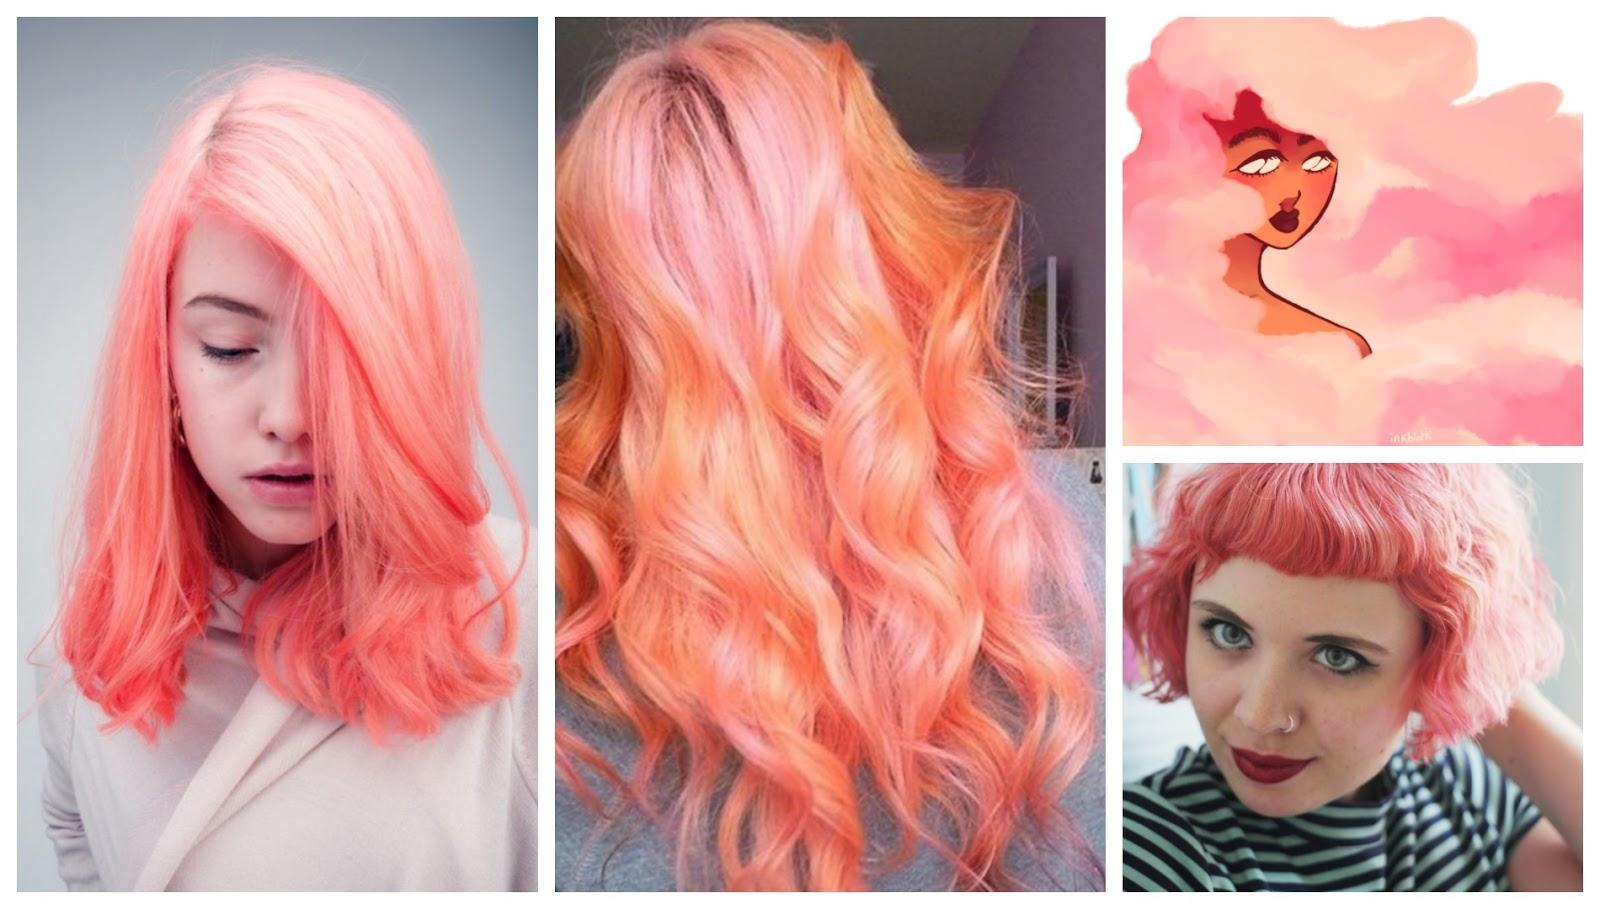 le produit blanc que jutilise est un masque pour cheveux afin de diluer la couleur pour donner une teinte pastel on peut utiliser nimporte quelle marque - Coloration Cheveux Pastel